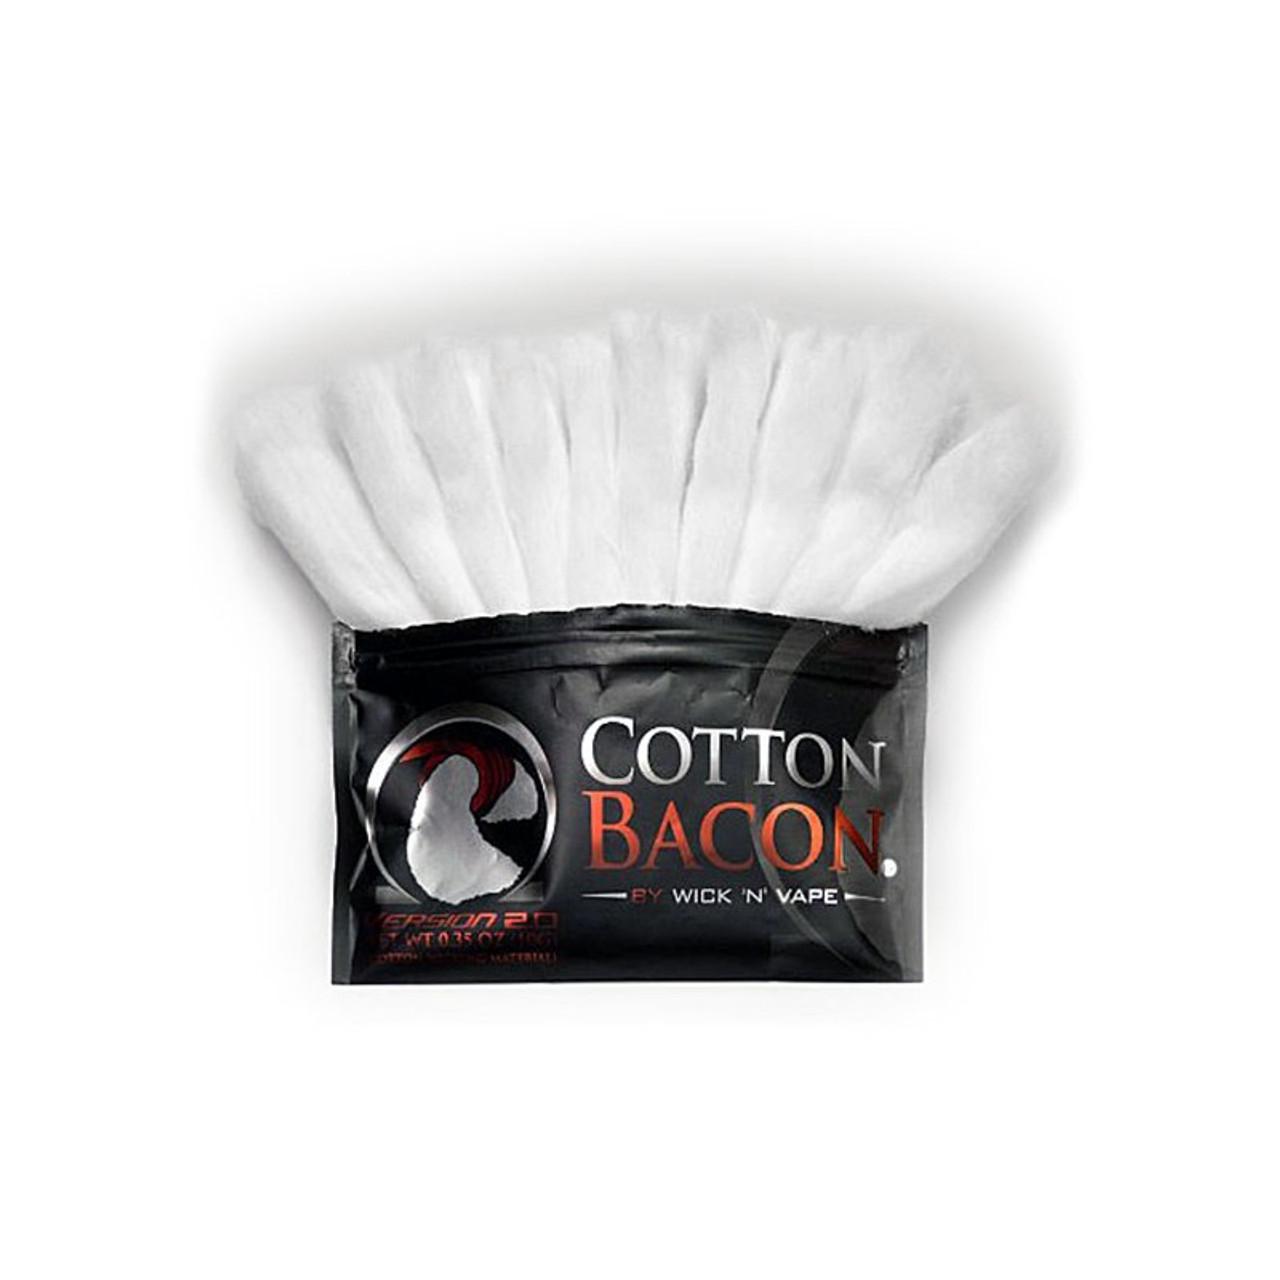 Zubehör Wickelwatte Selbstwickler BaconV2 Cotton Wick N Vape Bacon V2 Watte